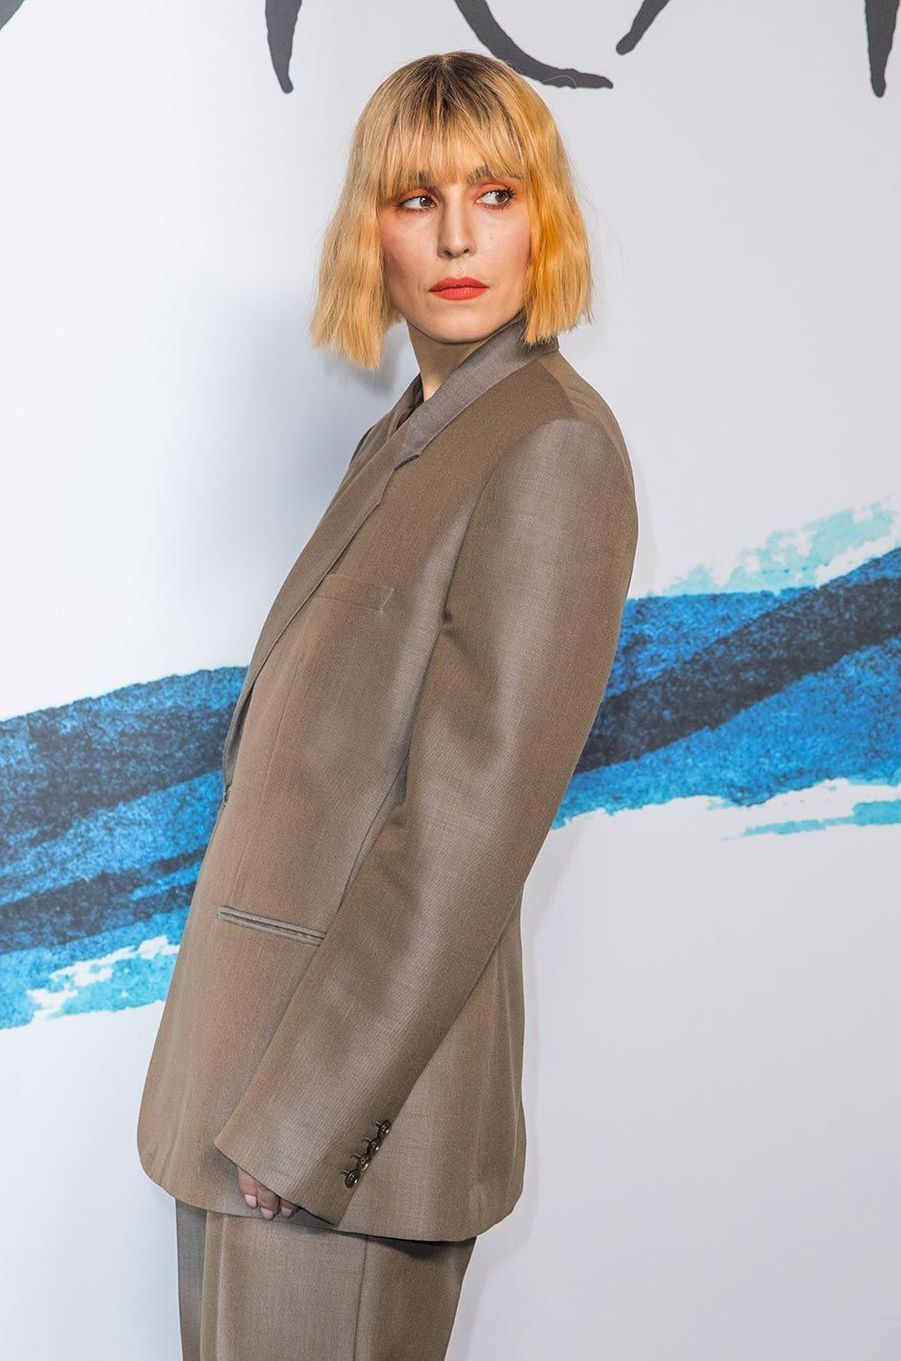 Noomi Rapaceau défilé Dior Homme à Paris, le 18 janvier 2019.